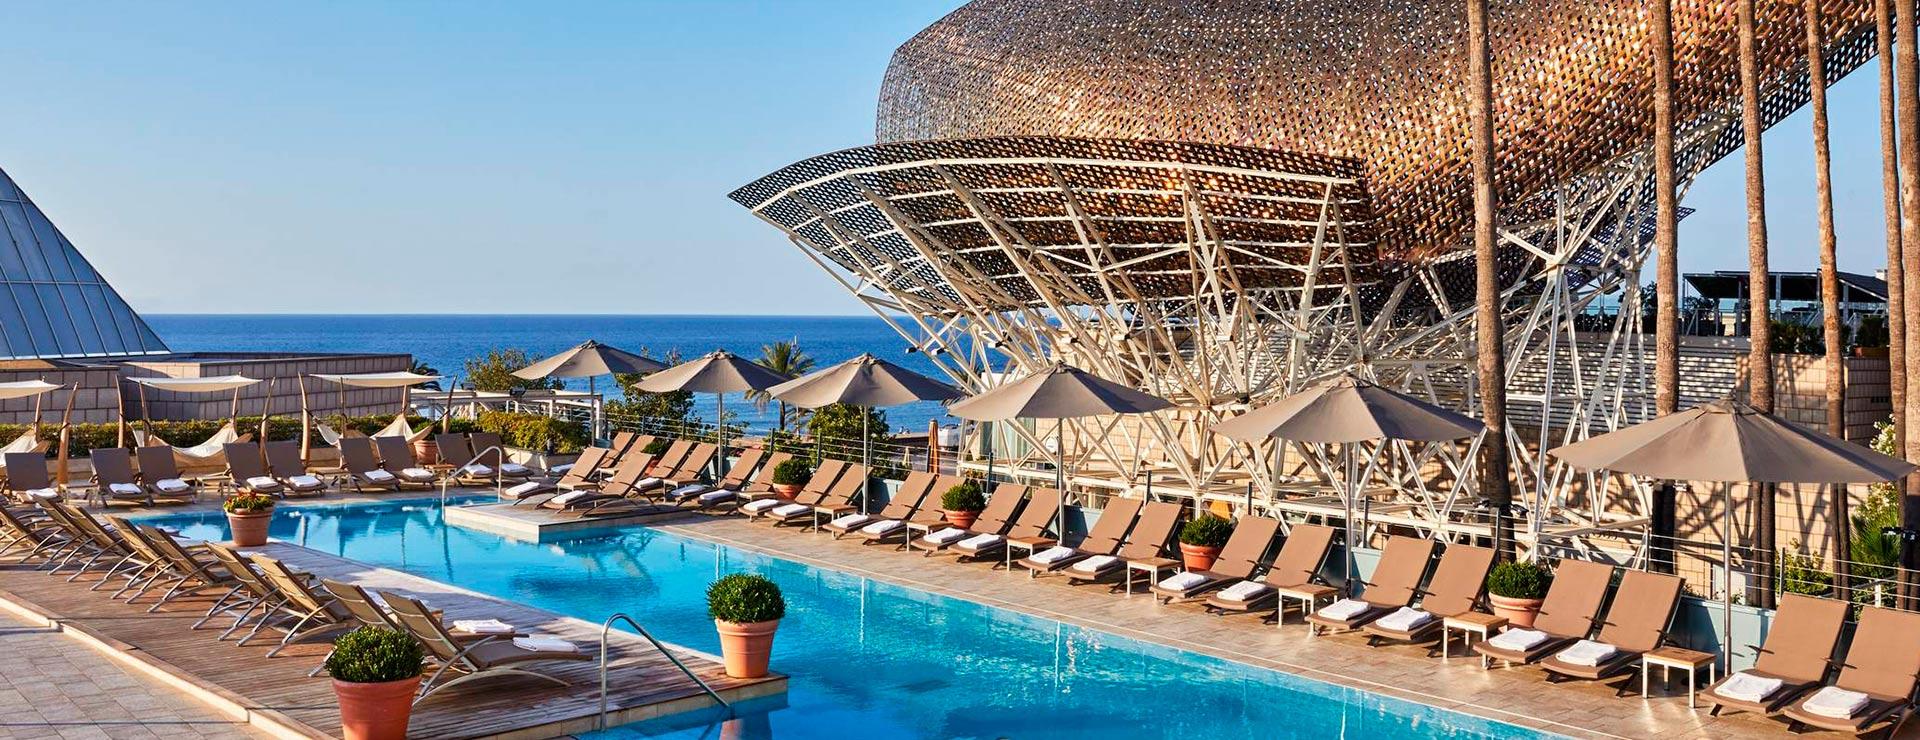 Hotel arts barcelona lujo 5 estrellas al lado del mar for Hotels a bcn